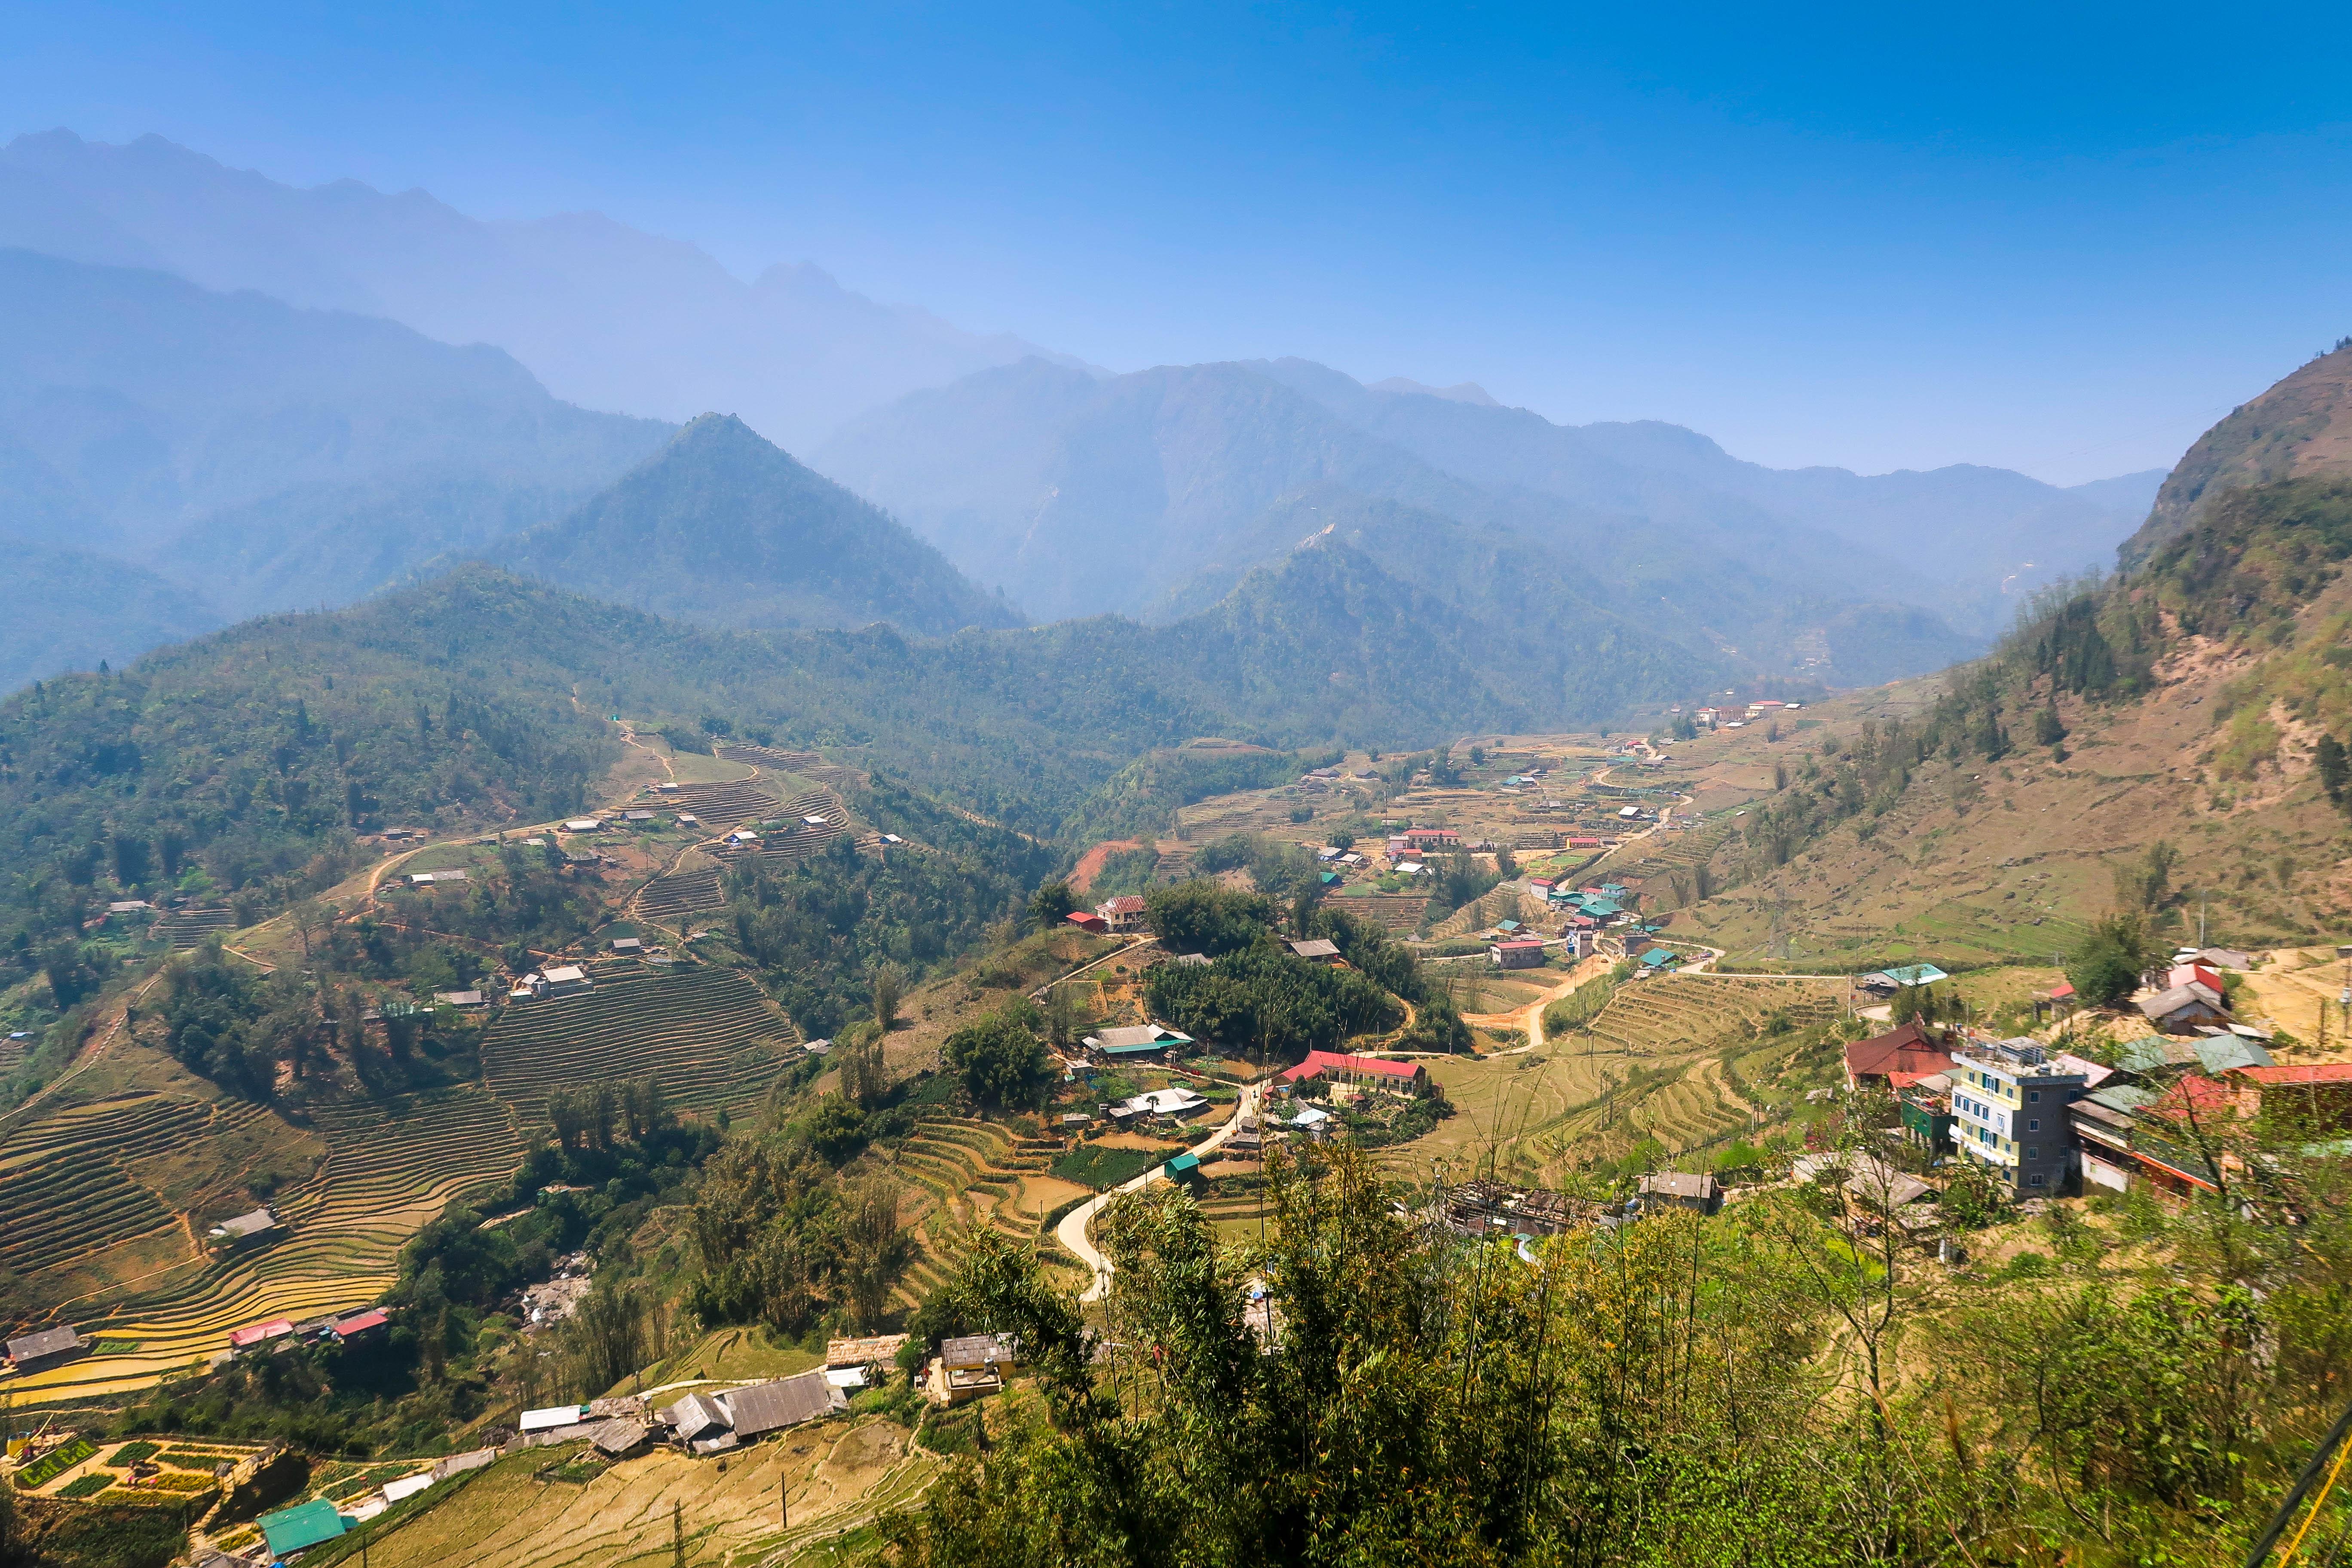 Vue montagne 5 - VIETNAM